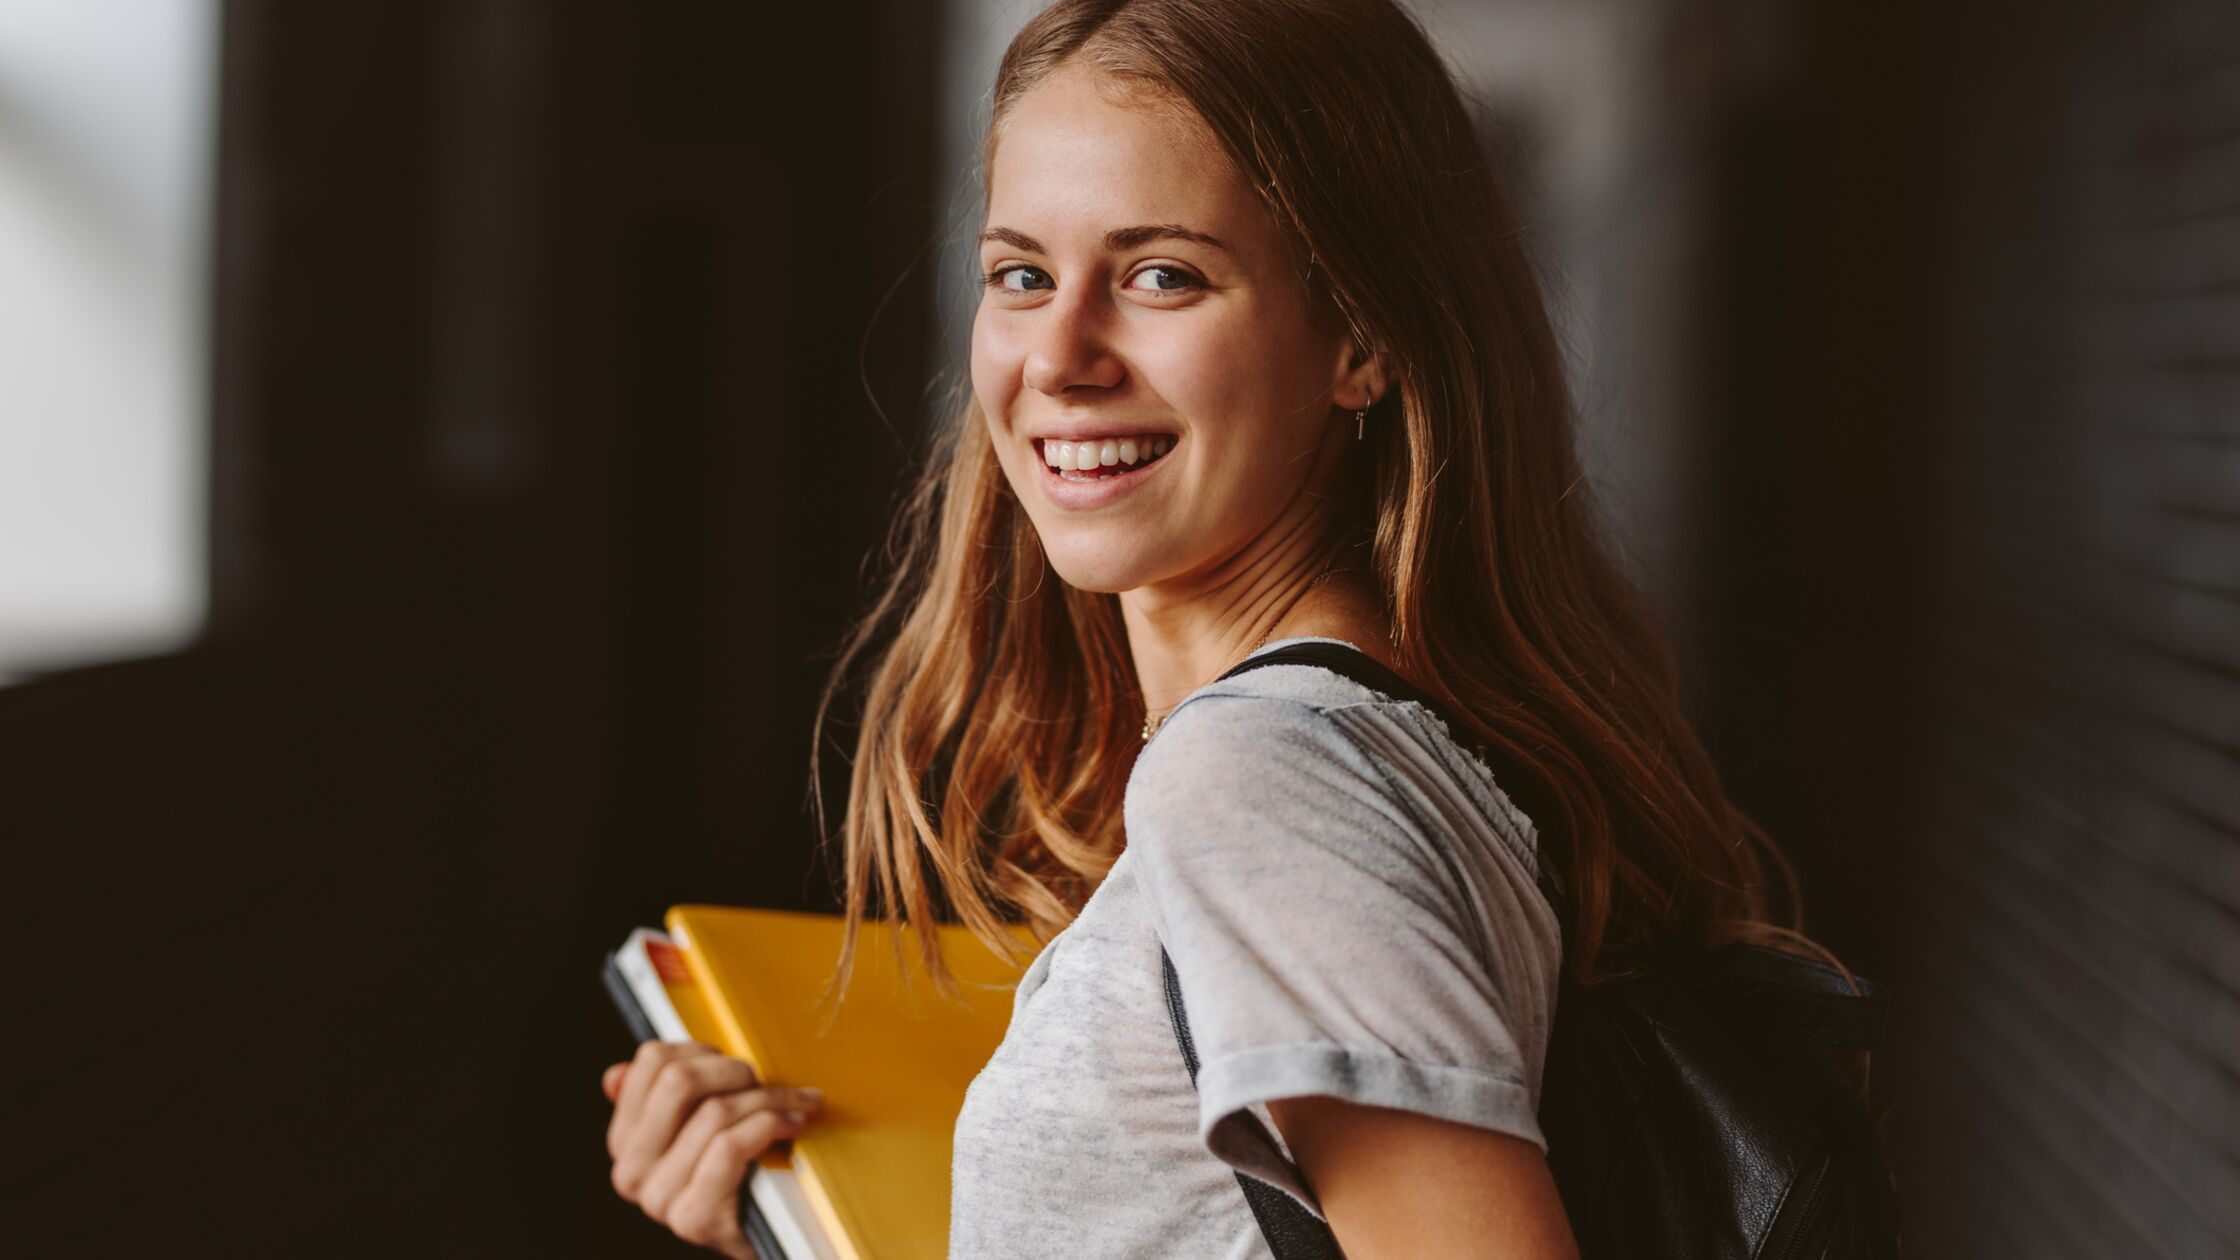 Wohnungssuche: Tipps für Studenten